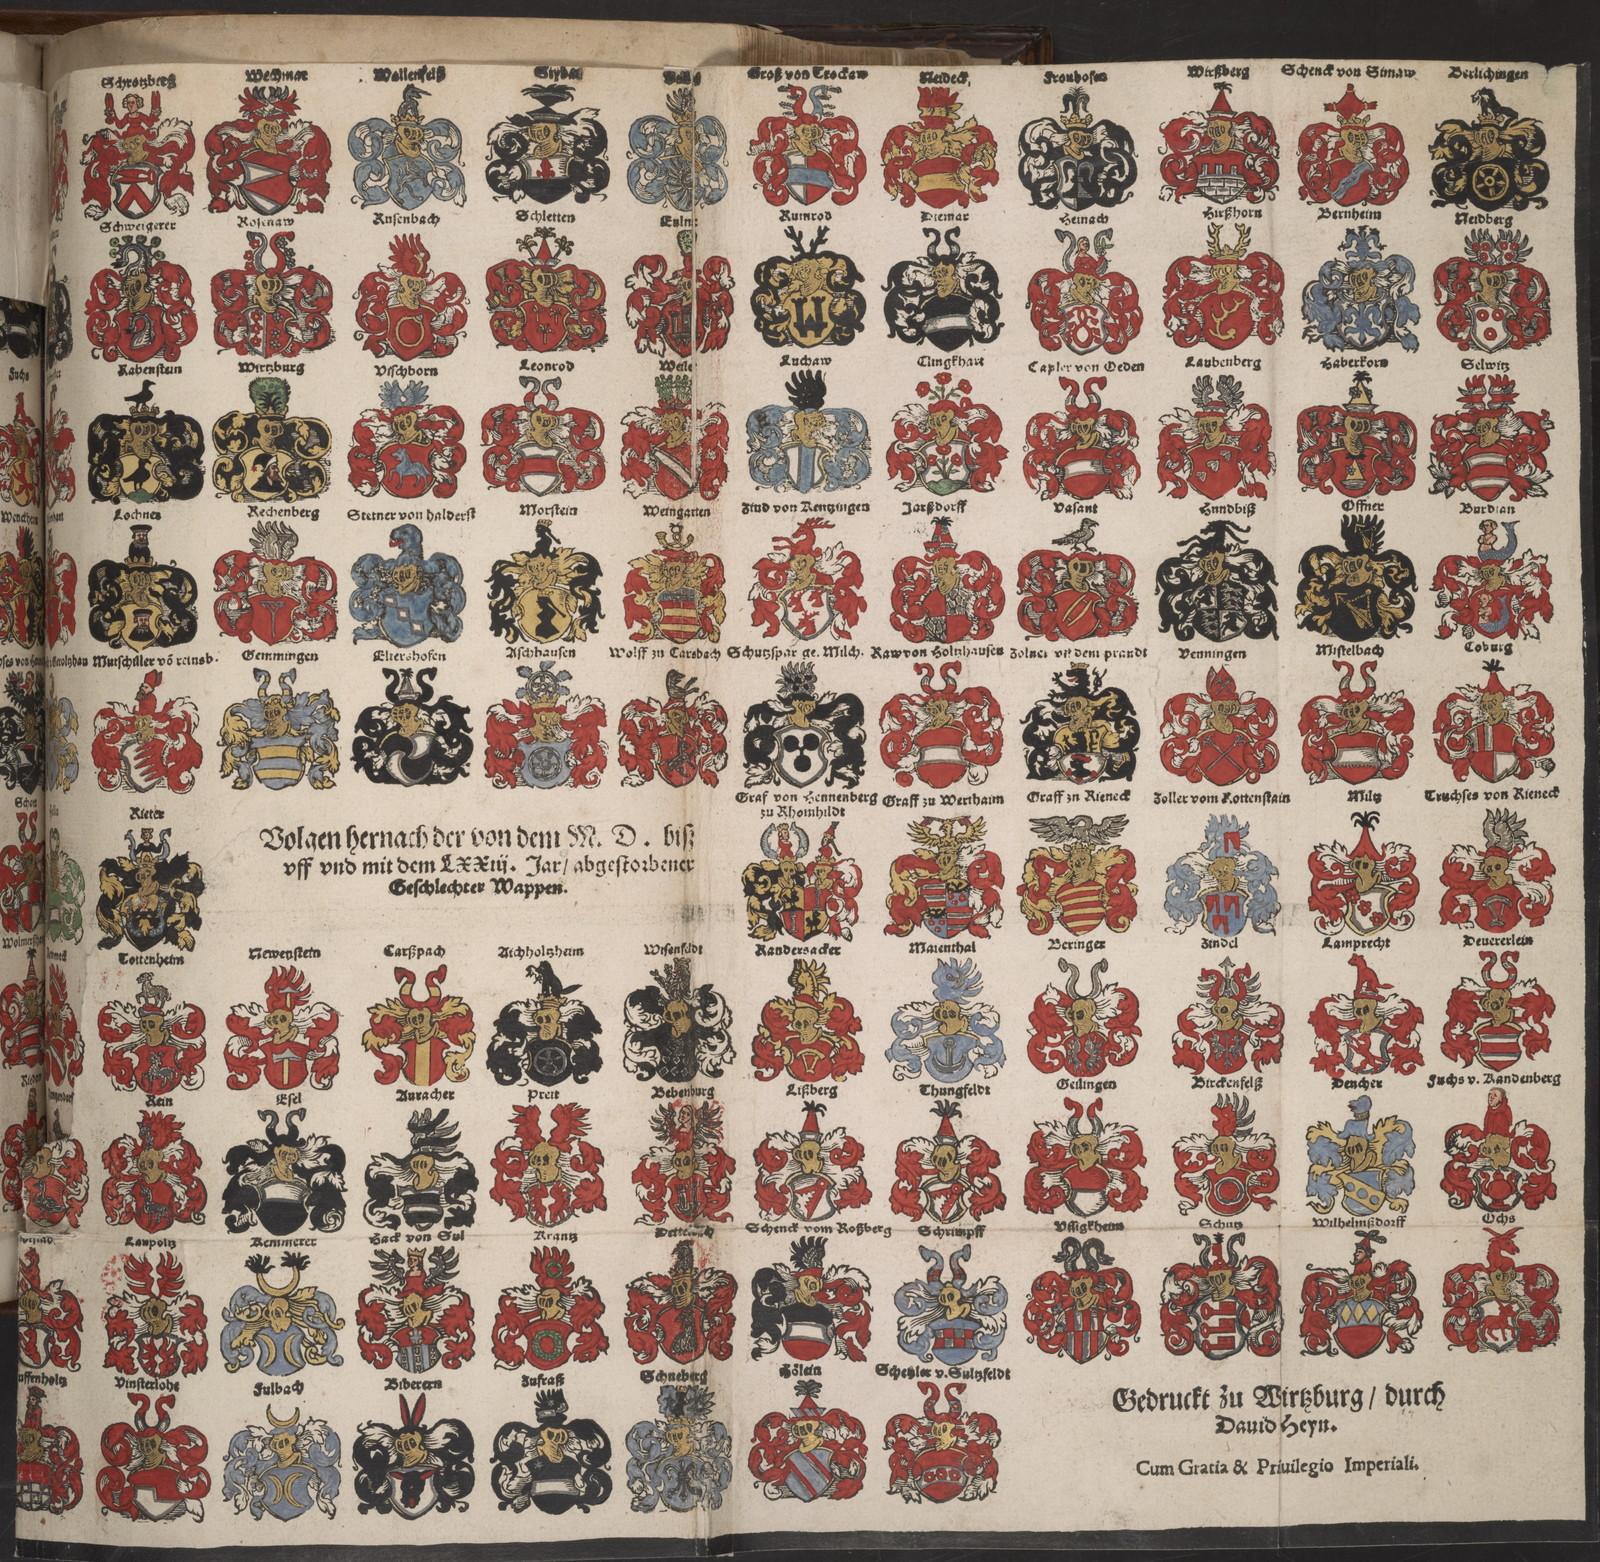 Der Geschlechter von Fursten, Graffen, Herrn, vnd vom Adel, Wappen mit Schilten vnd Helmen, so von dem hochloblichen Stifft Wirtzburg vnd Hertzogthumb zu Francken Lehen Tragen.